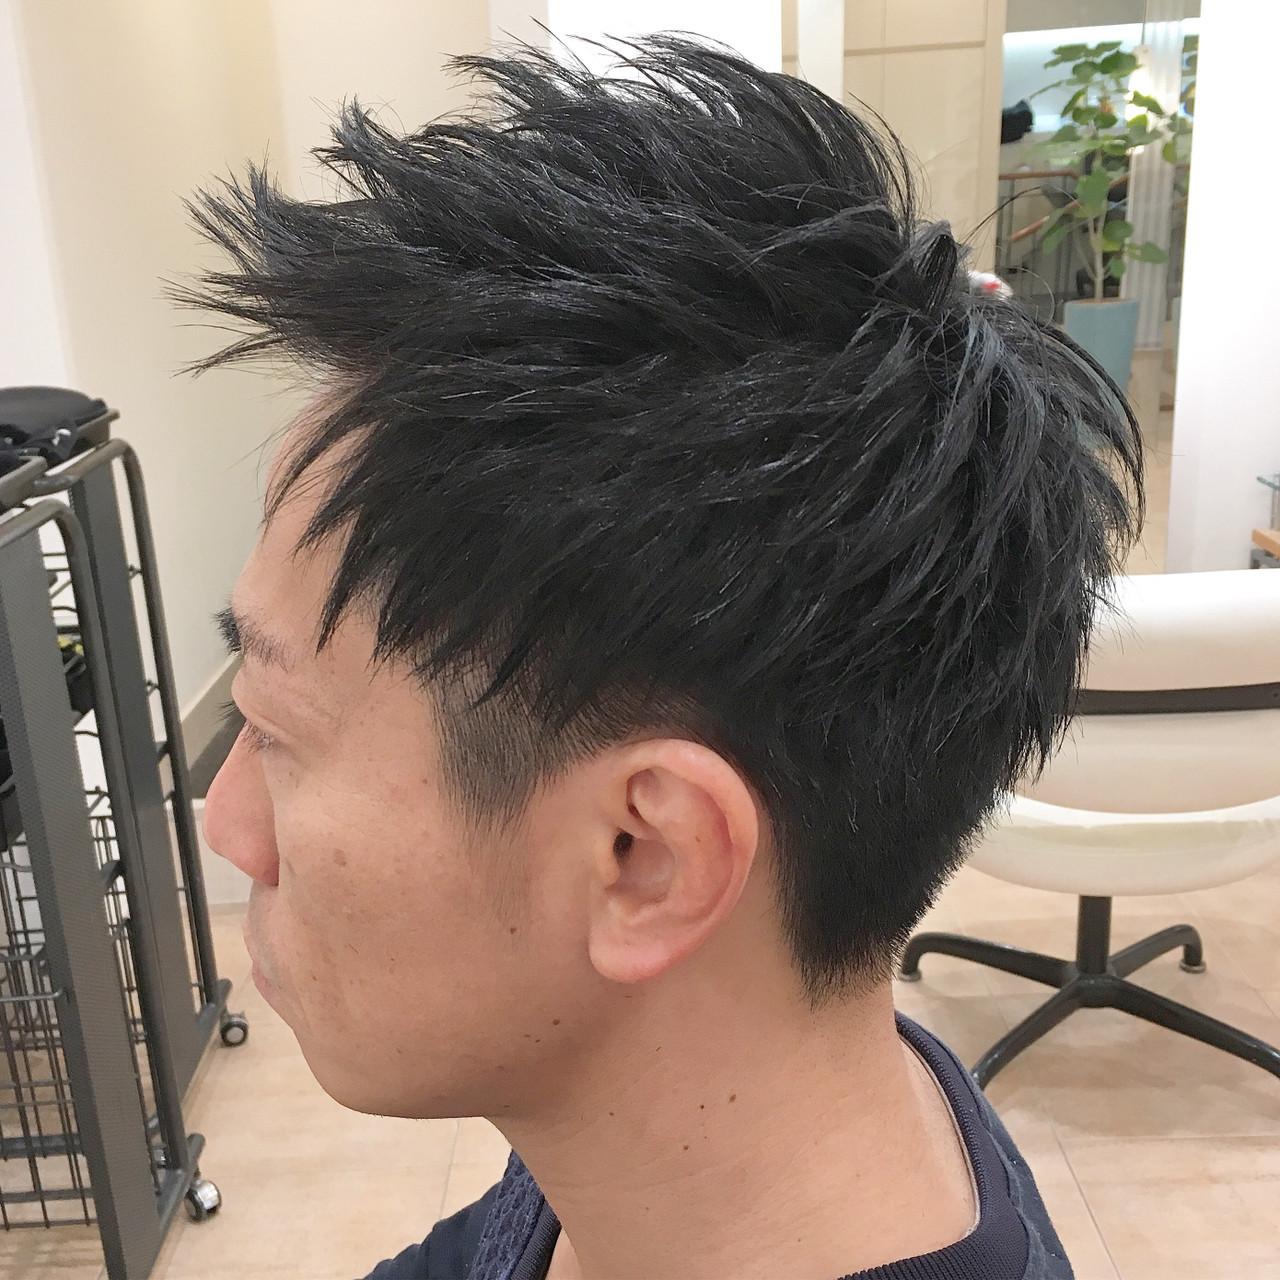 メンズショート ナチュラル メンズ メンズヘア ヘアスタイルや髪型の写真・画像